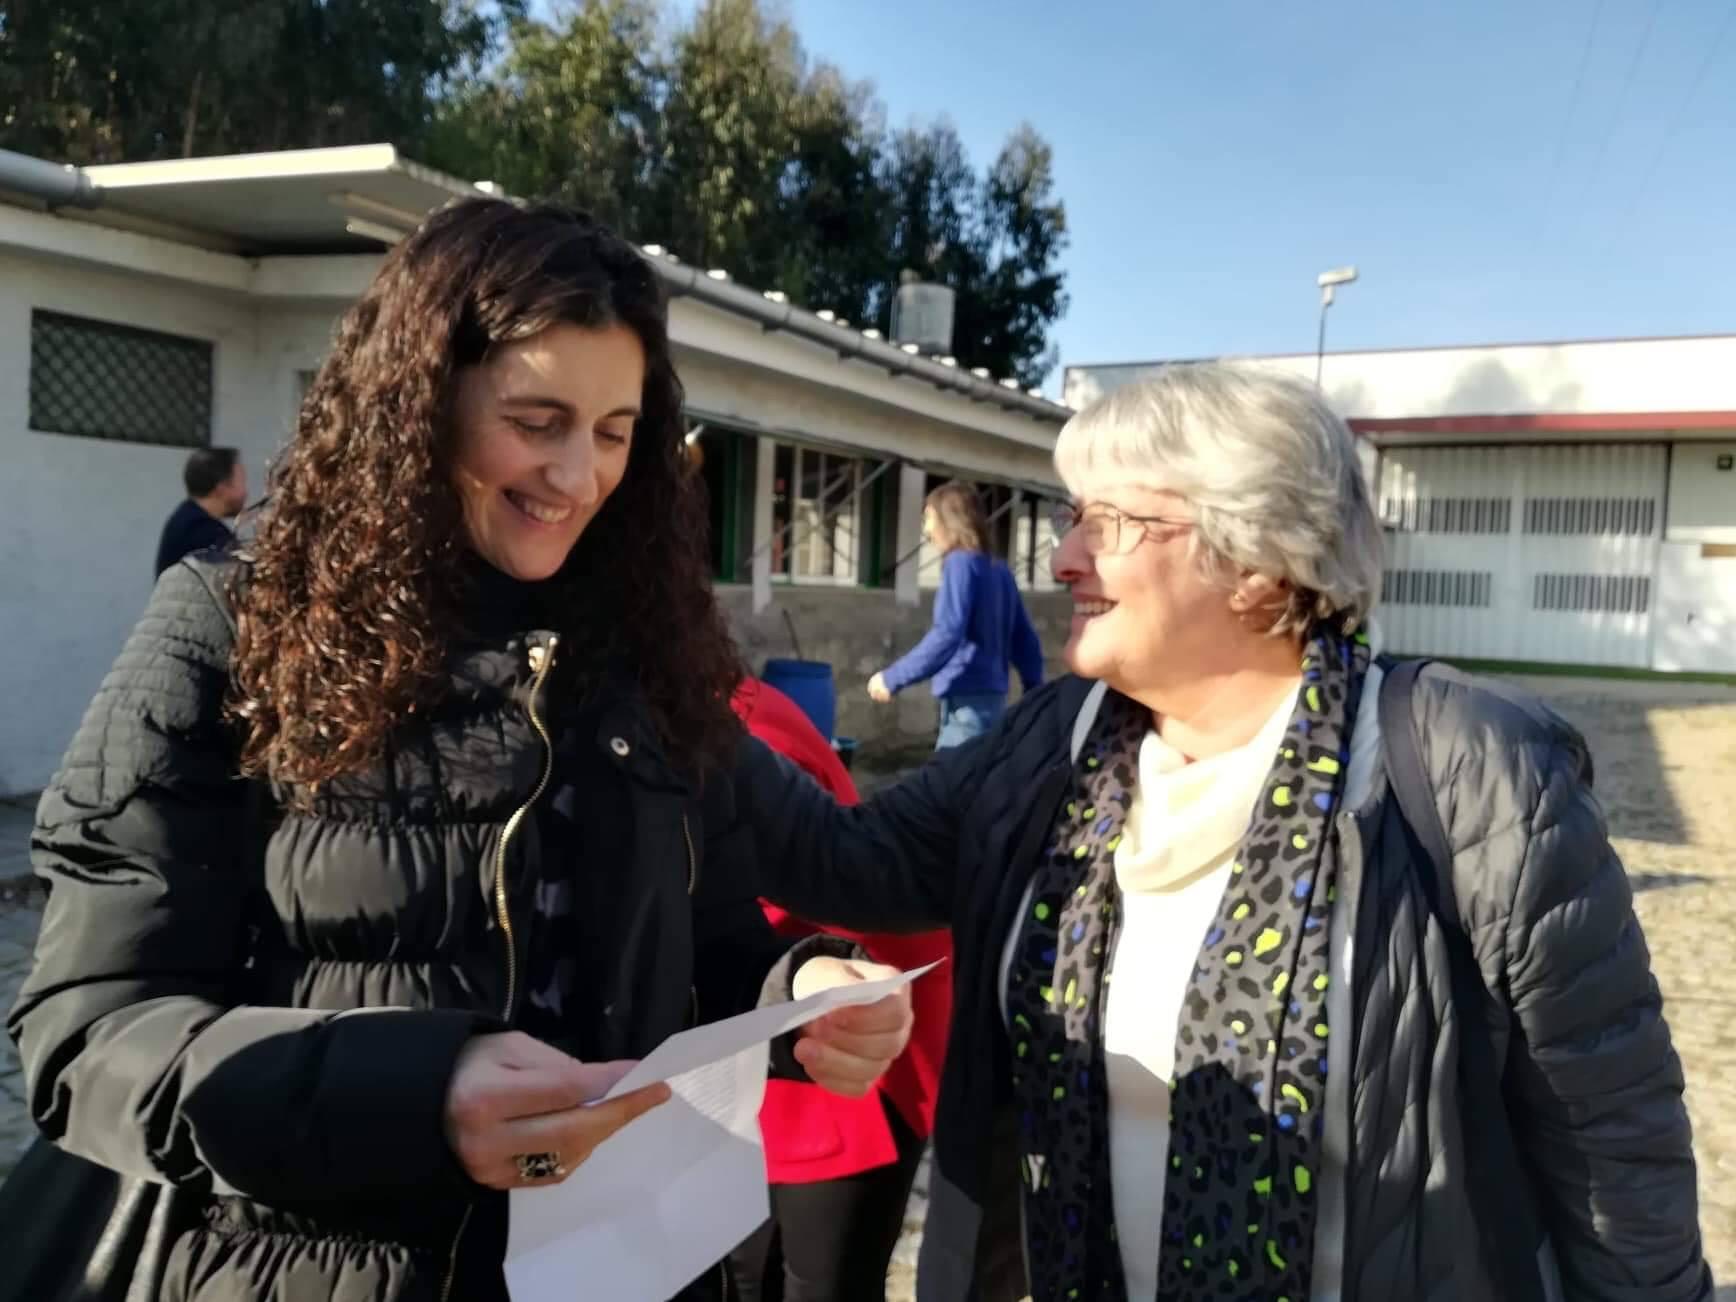 MDM participa em almoço de solidariedade com Cristina Tavares